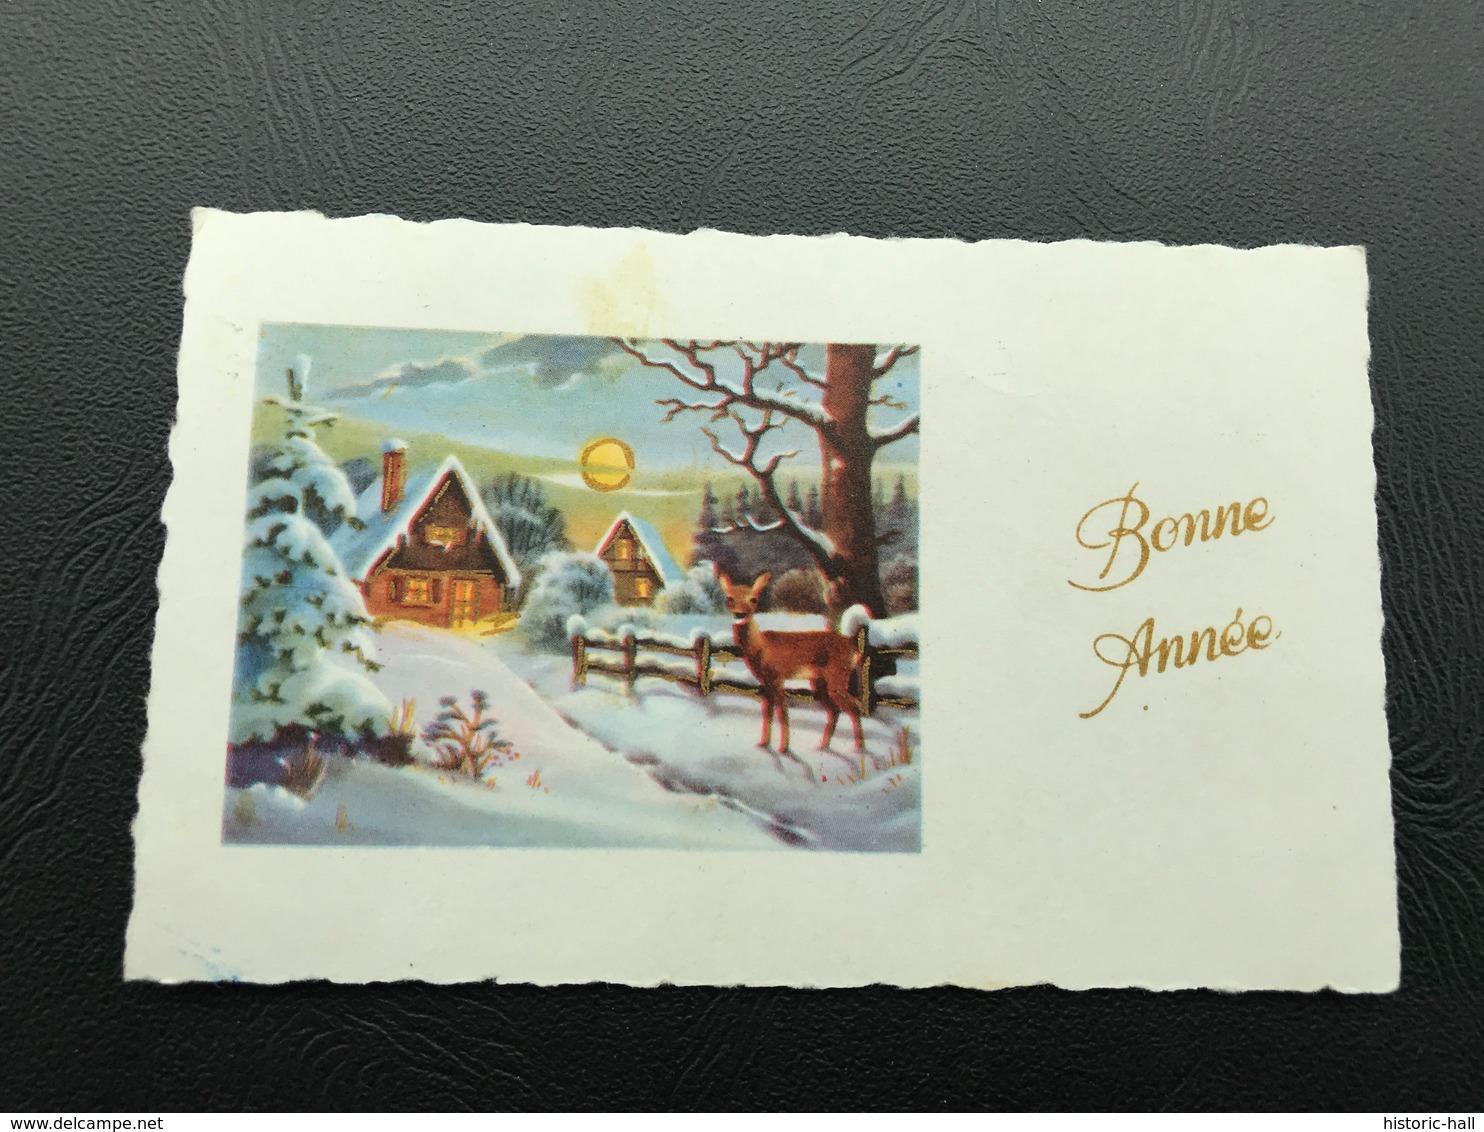 BONNE ANNEE Village Enneigé & Biche - 1971 - Neujahr